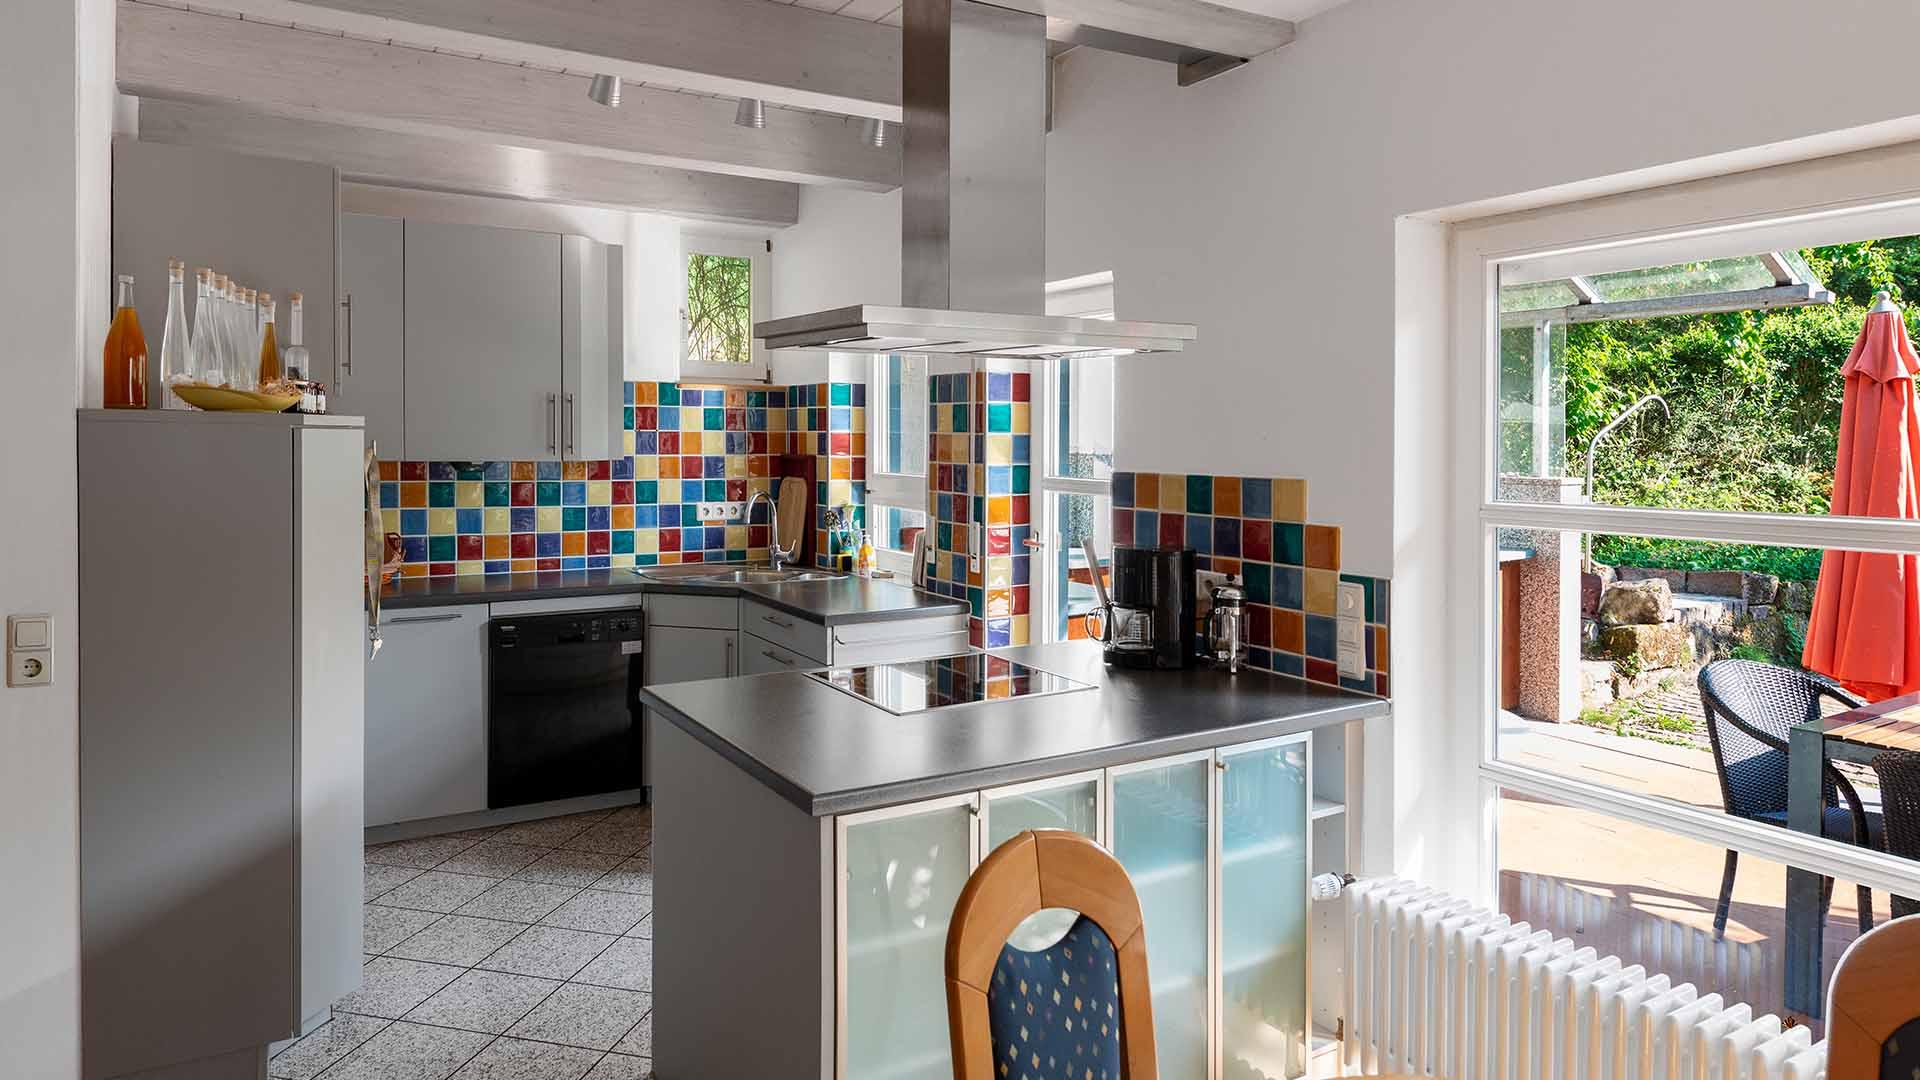 Ferienhaus am Schönwasen - Küche